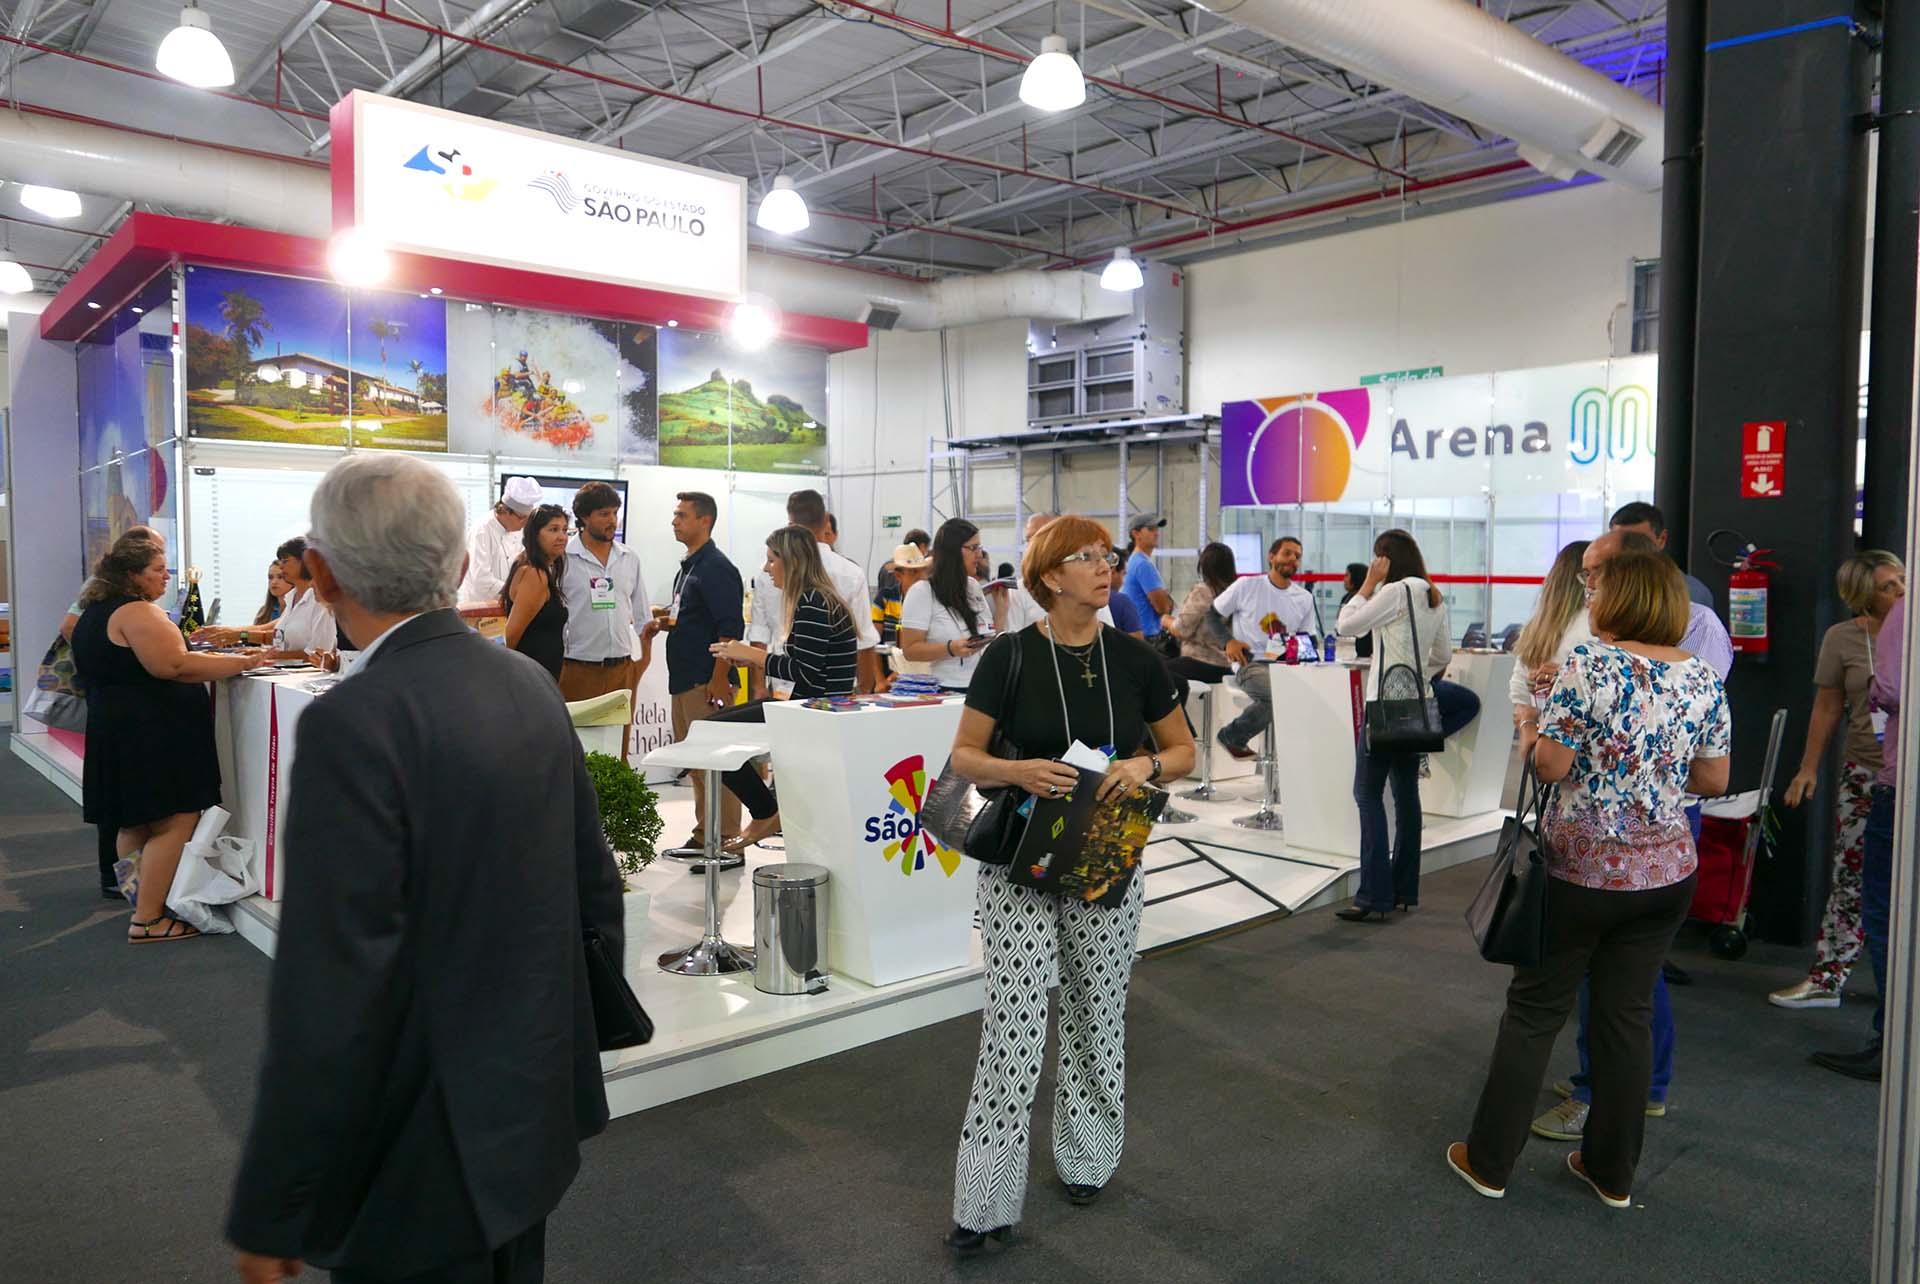 Aviesp Expo 2018